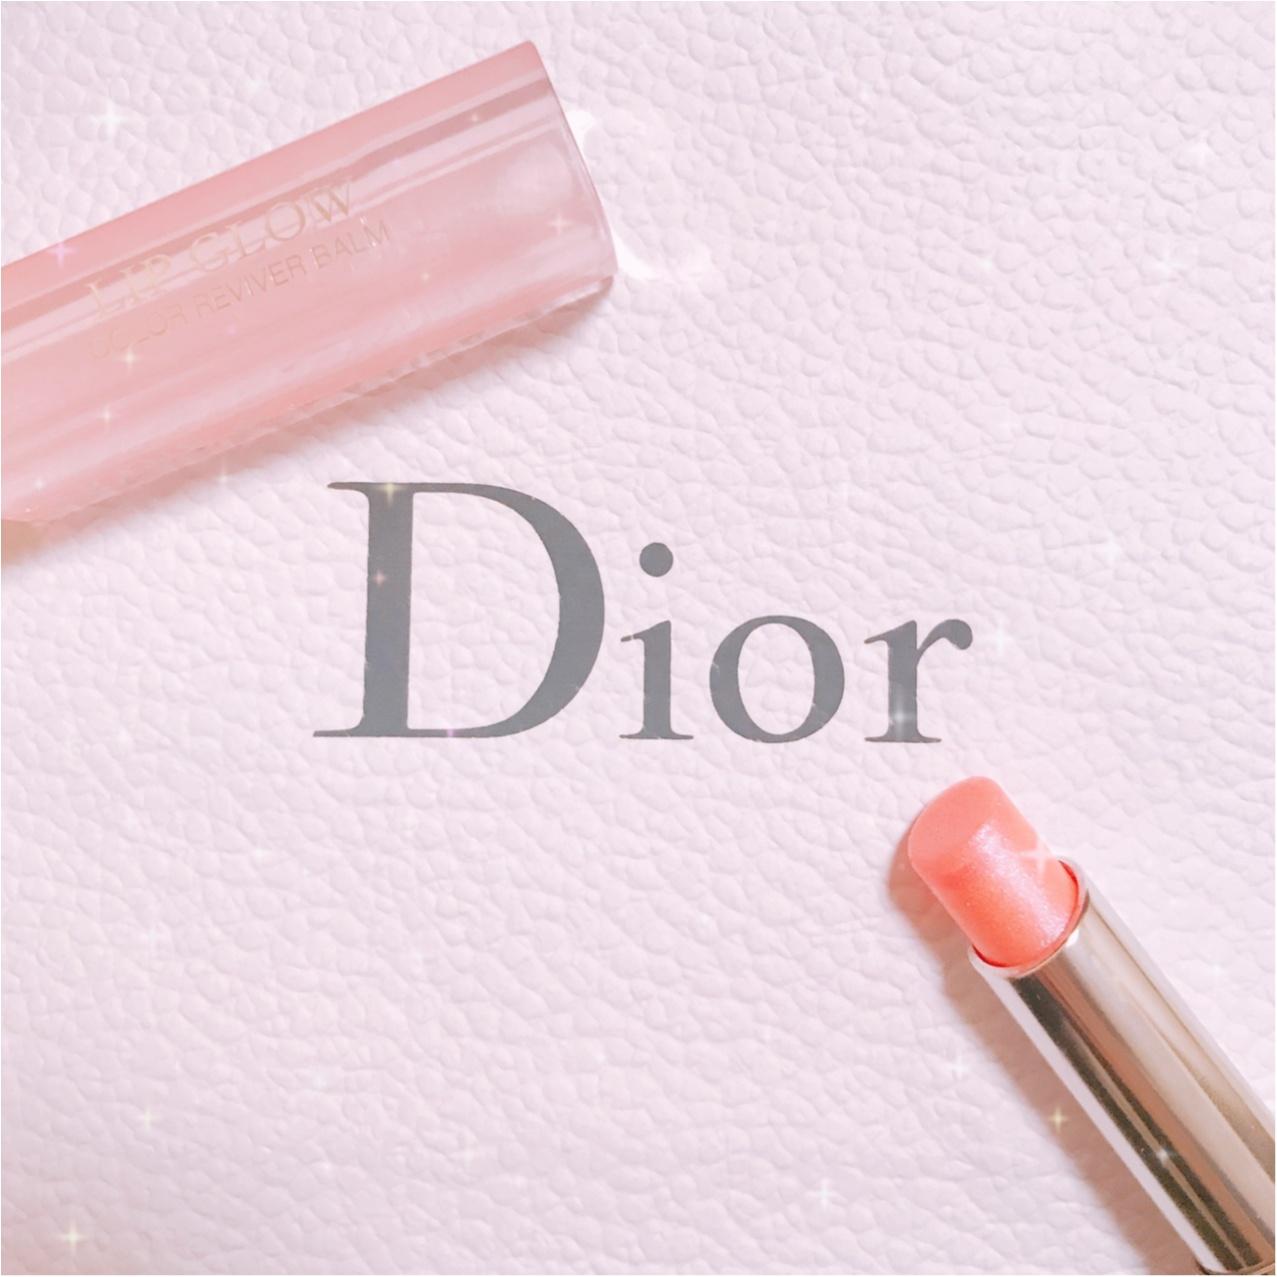 キラキラのくちびるに…♡【Dior(ディオール)】アディクトリップグロウ《ホロピンク》がかわいすぎるっ!!_2